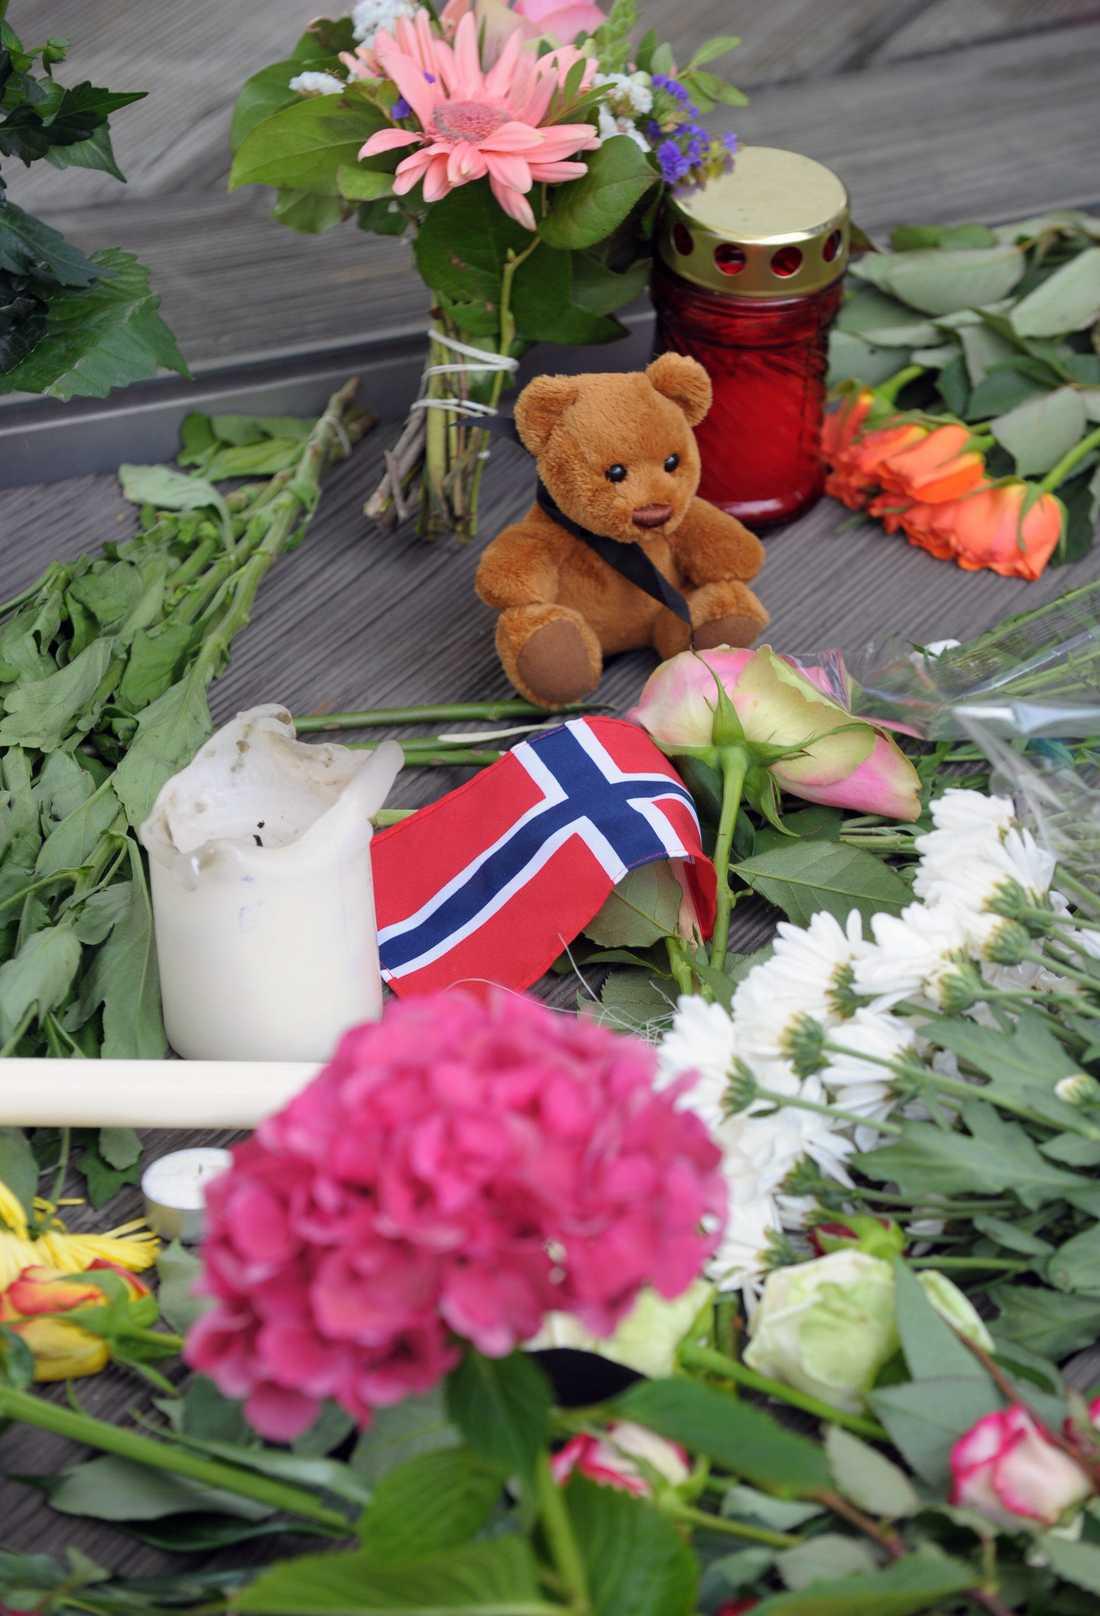 TYSKLAND Norska ambassaden i Berlin.